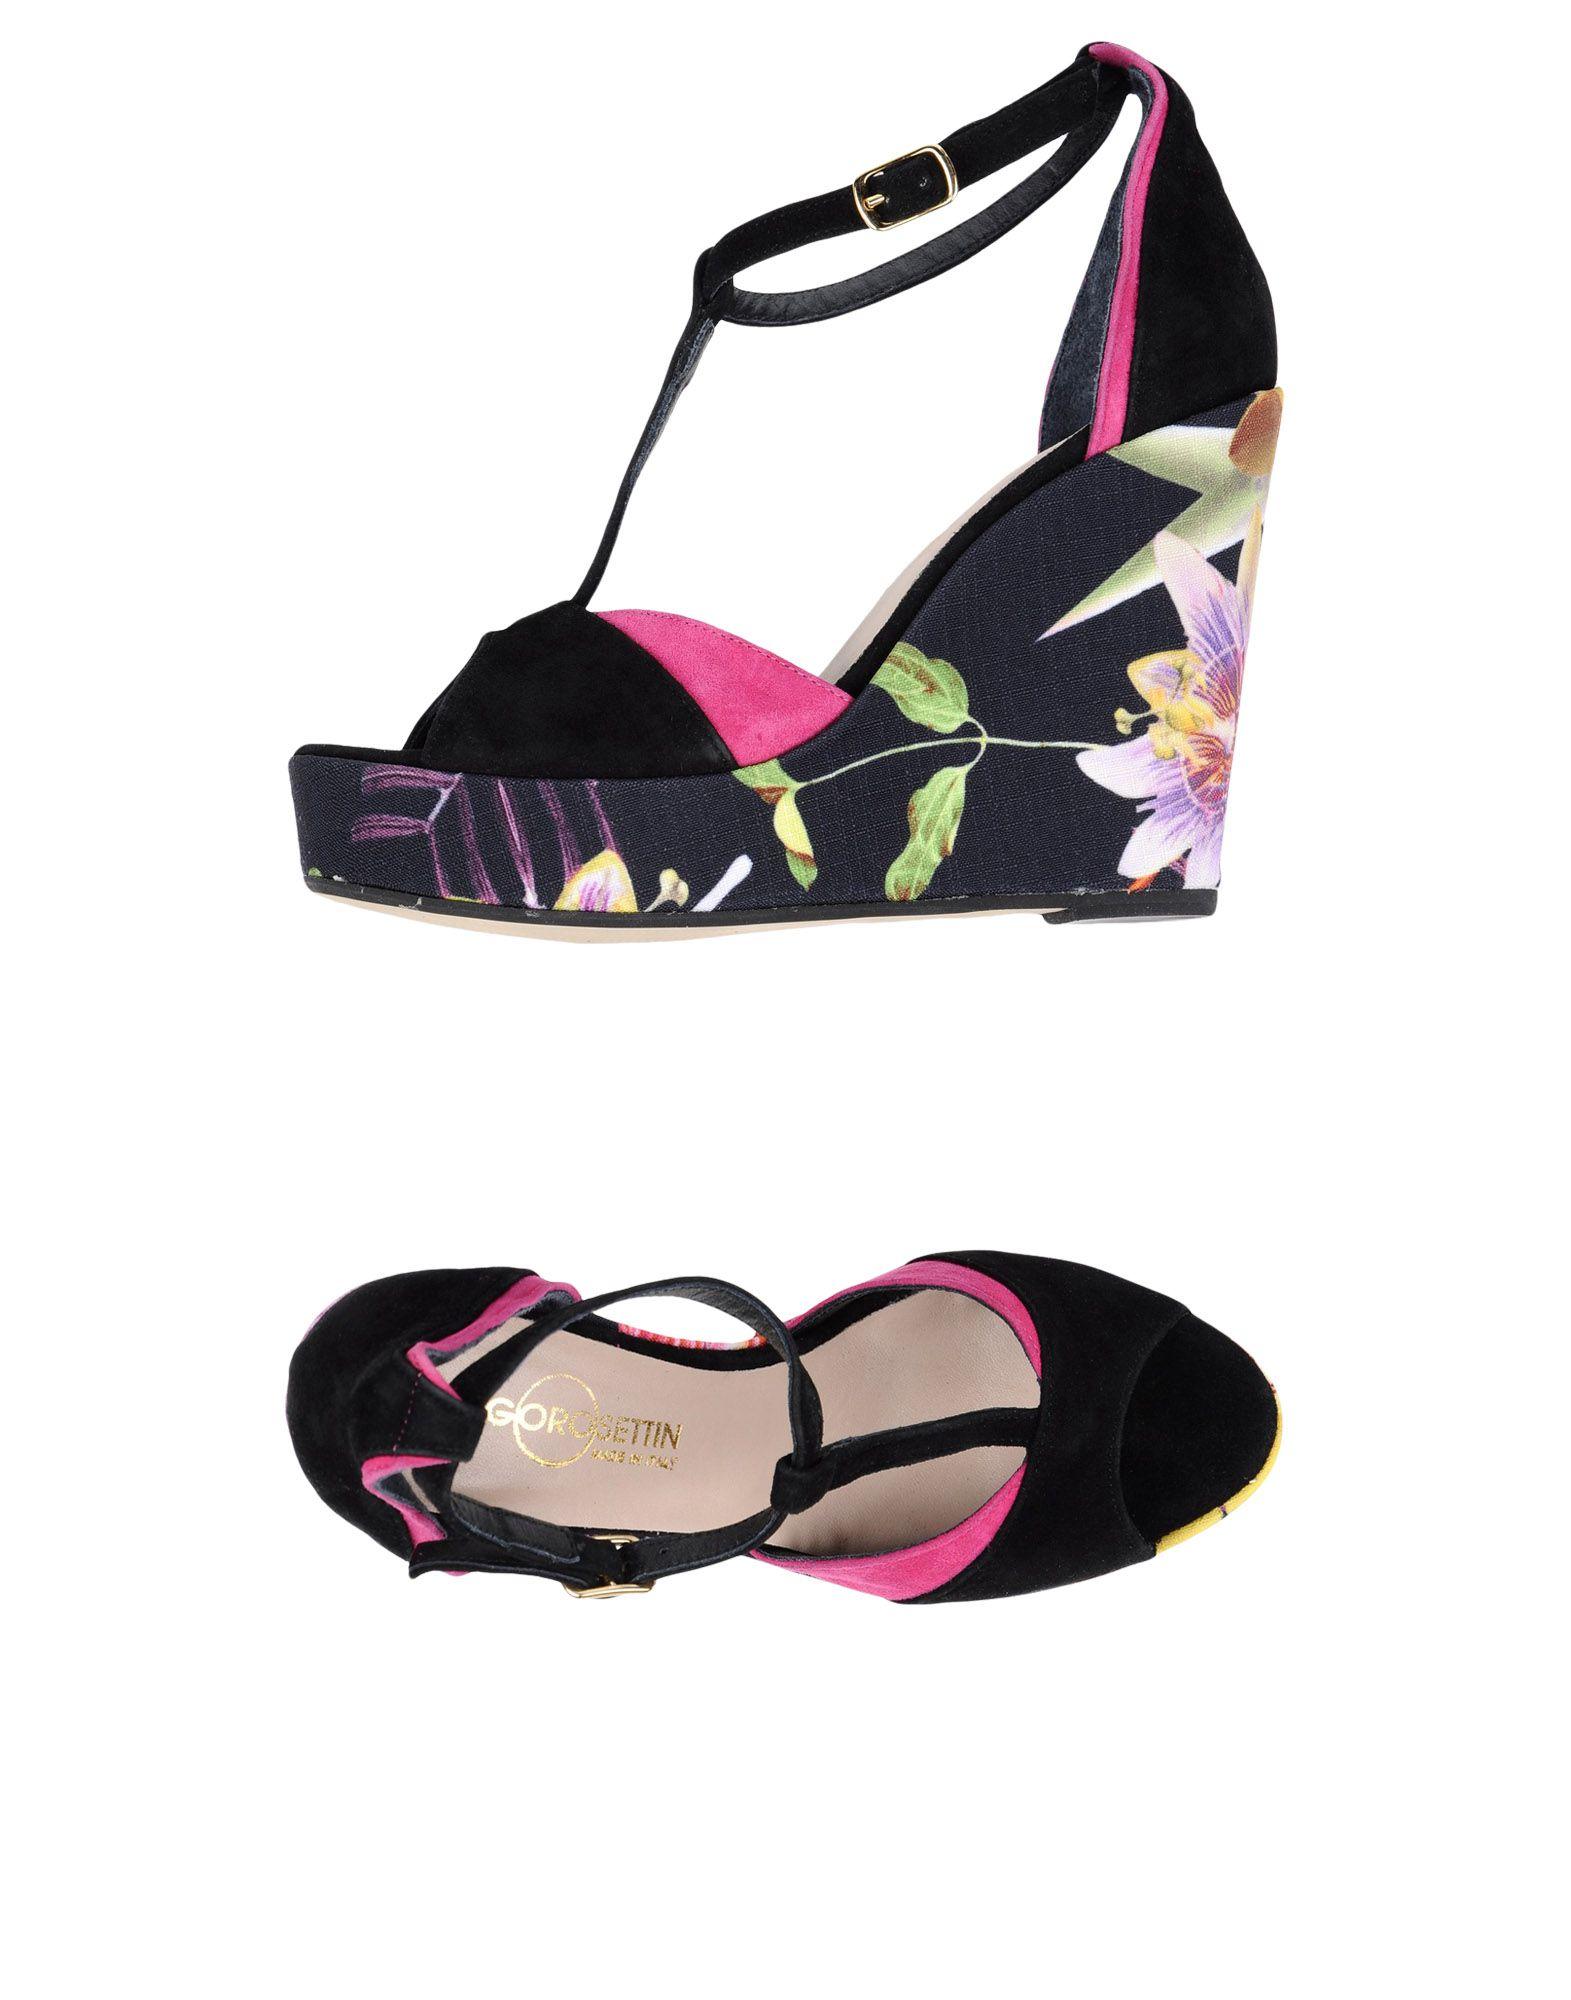 hugo hugo hugo rosettin sandales - femmes hugo rosettin 11362126go sandales en ligne le royaume - uni - ef35dd